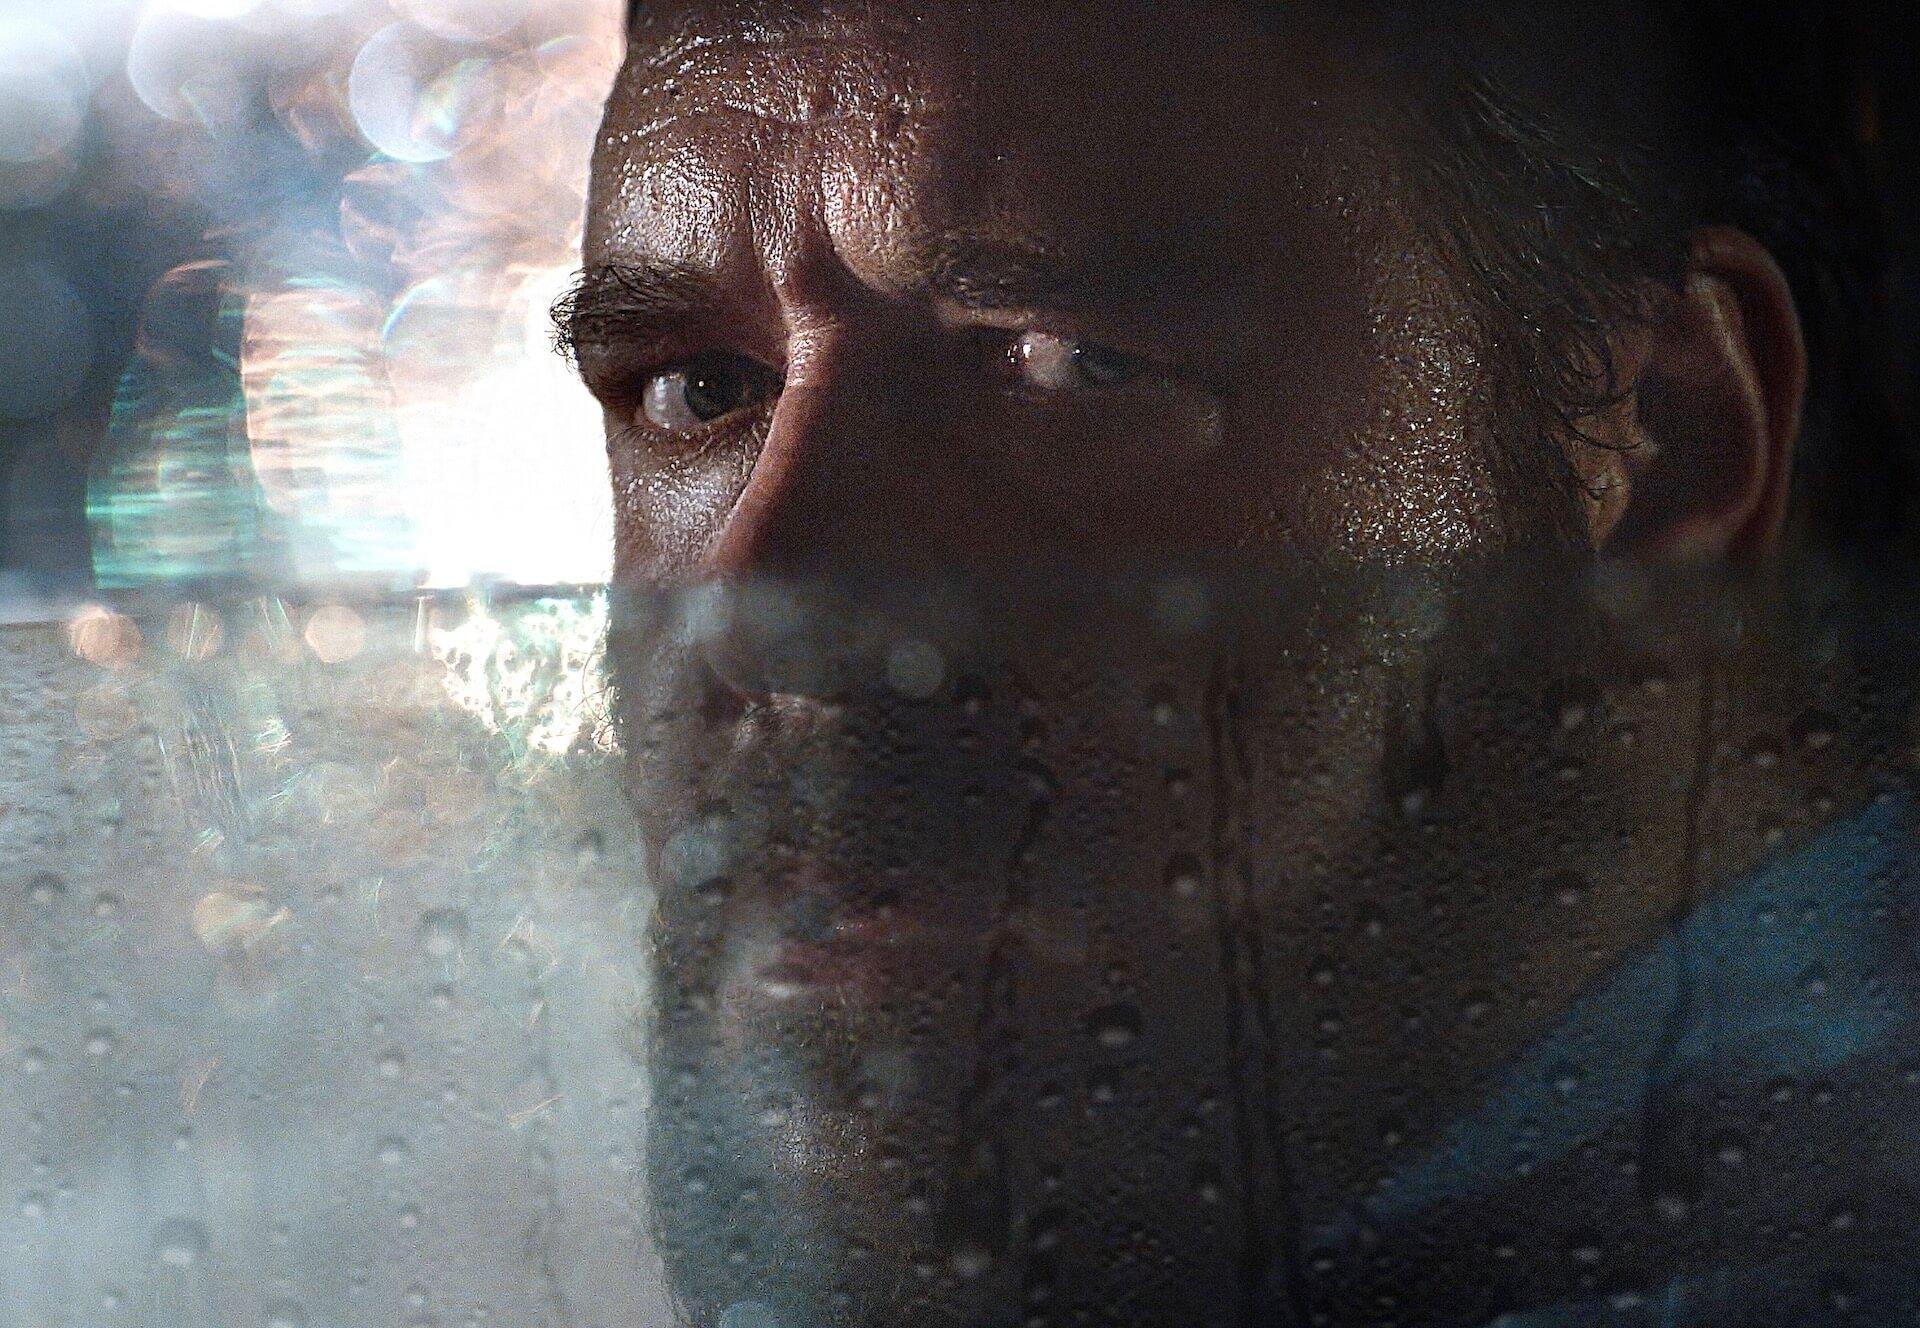 ラッセル・クロウの狂気じみた演技に思わず生唾ゴクリ...『アオラレ』特別映像が解禁! film210507_unhinged_1